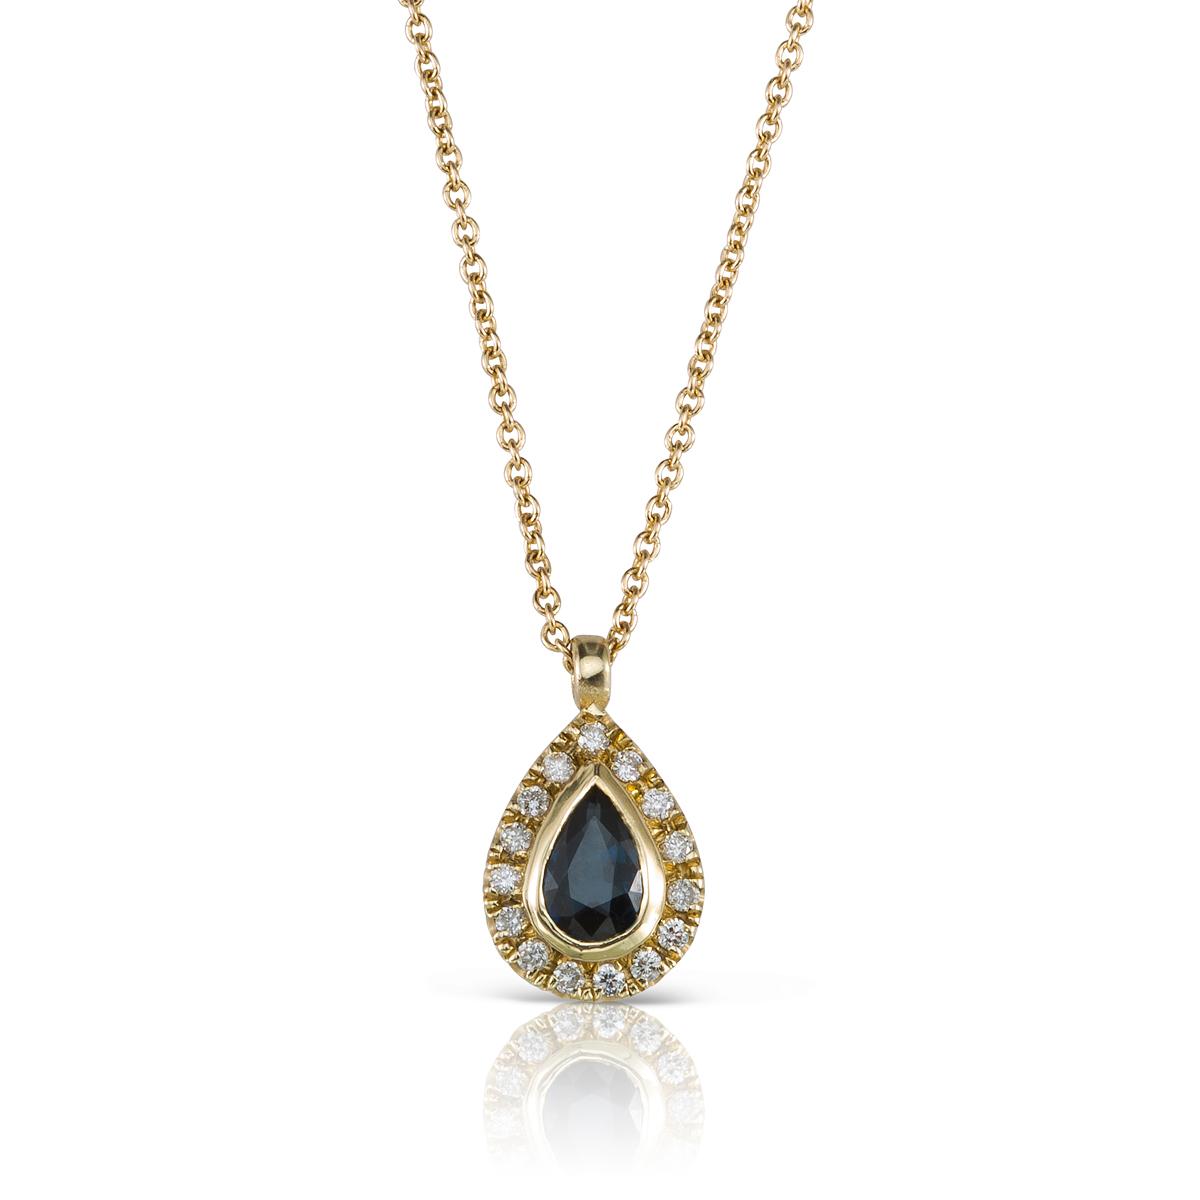 שרשרת זהב קלאסית, תליון משובץ ספיר בצורת טיפה ויהלומים מסביב